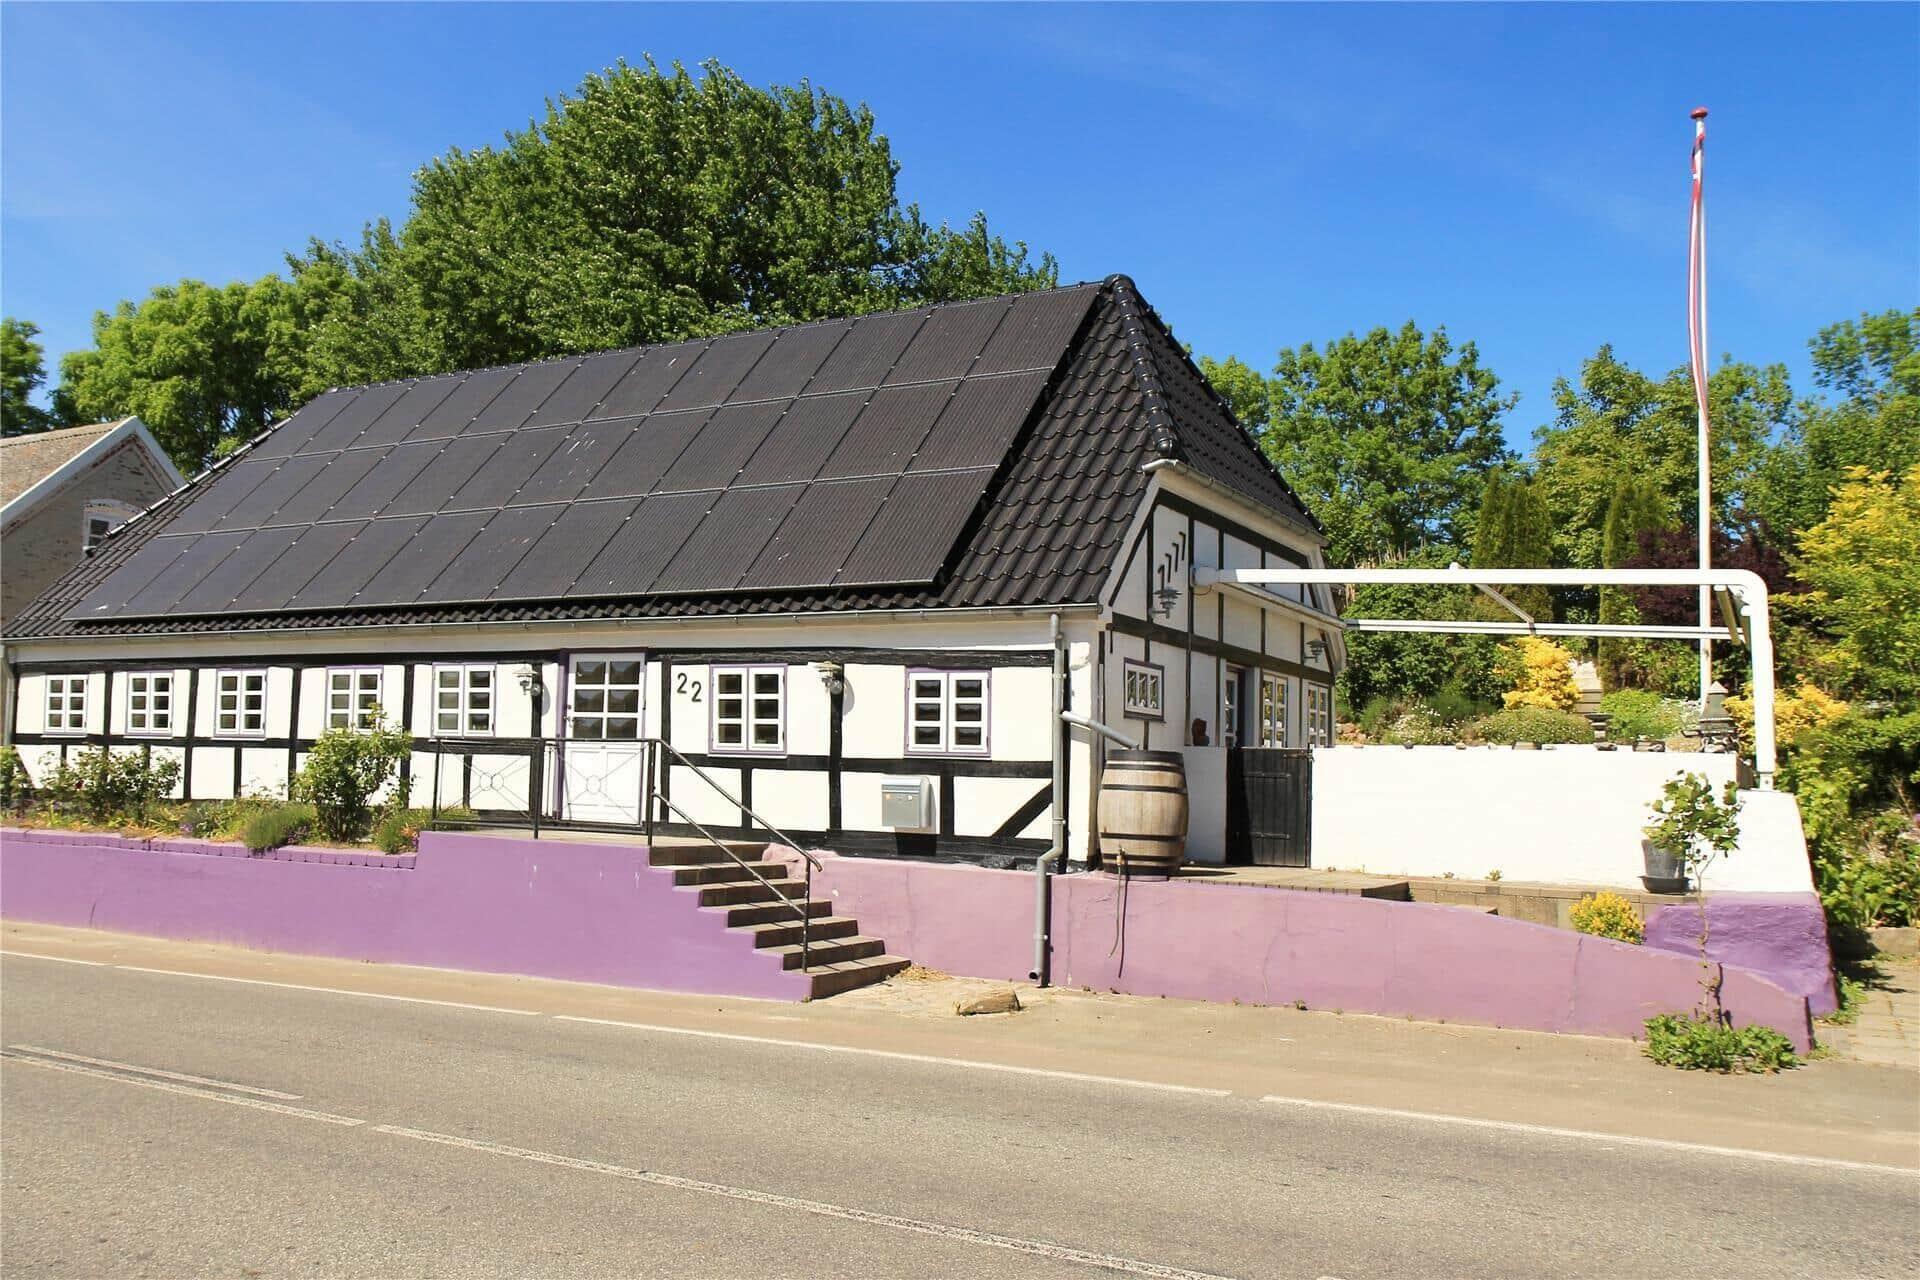 Afbeelding 1-3 Vakantiehuis M70419, Øster Bregninge 22, DK - 5970 Ærøskøbing